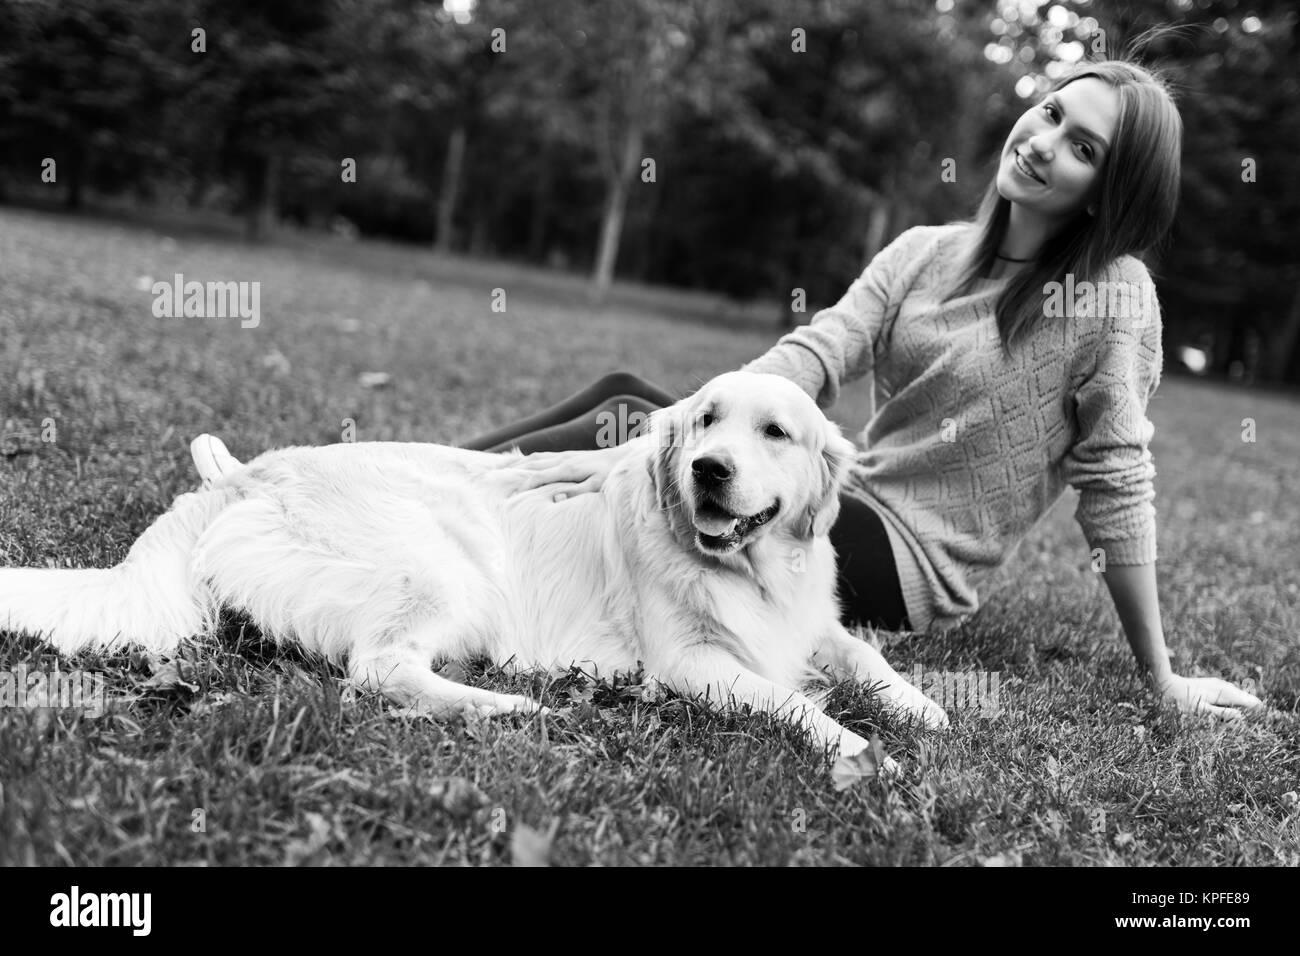 Foto in bianco e nero di bruna abbracciando il labrador Immagini Stock